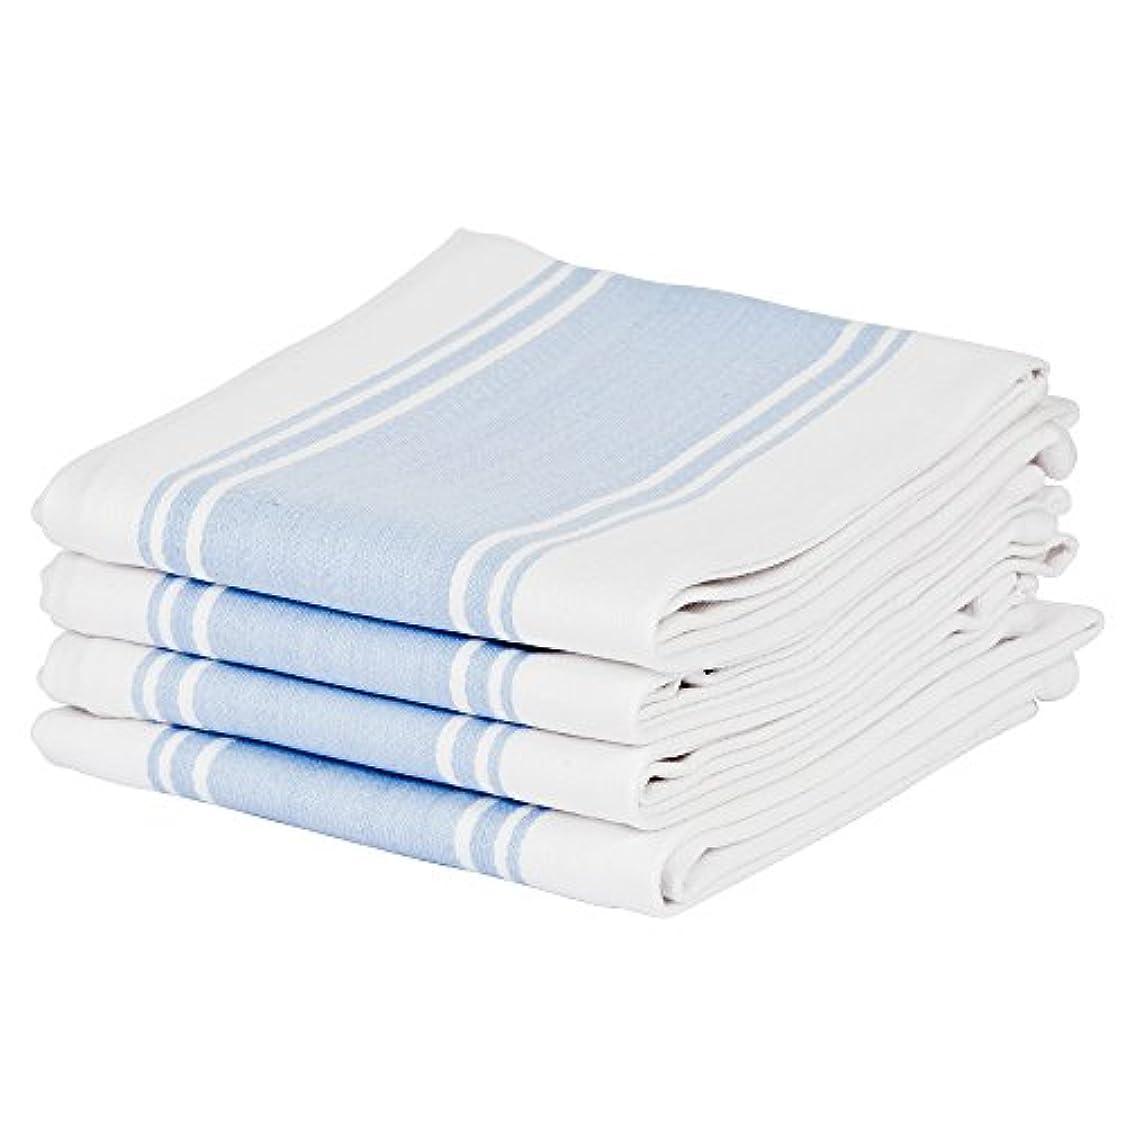 後者近代化献身キッチンティータオル100%コットン、プロフェッショナルグレード、細かい織り、大、ビンテージストライプの吸収材 (青)